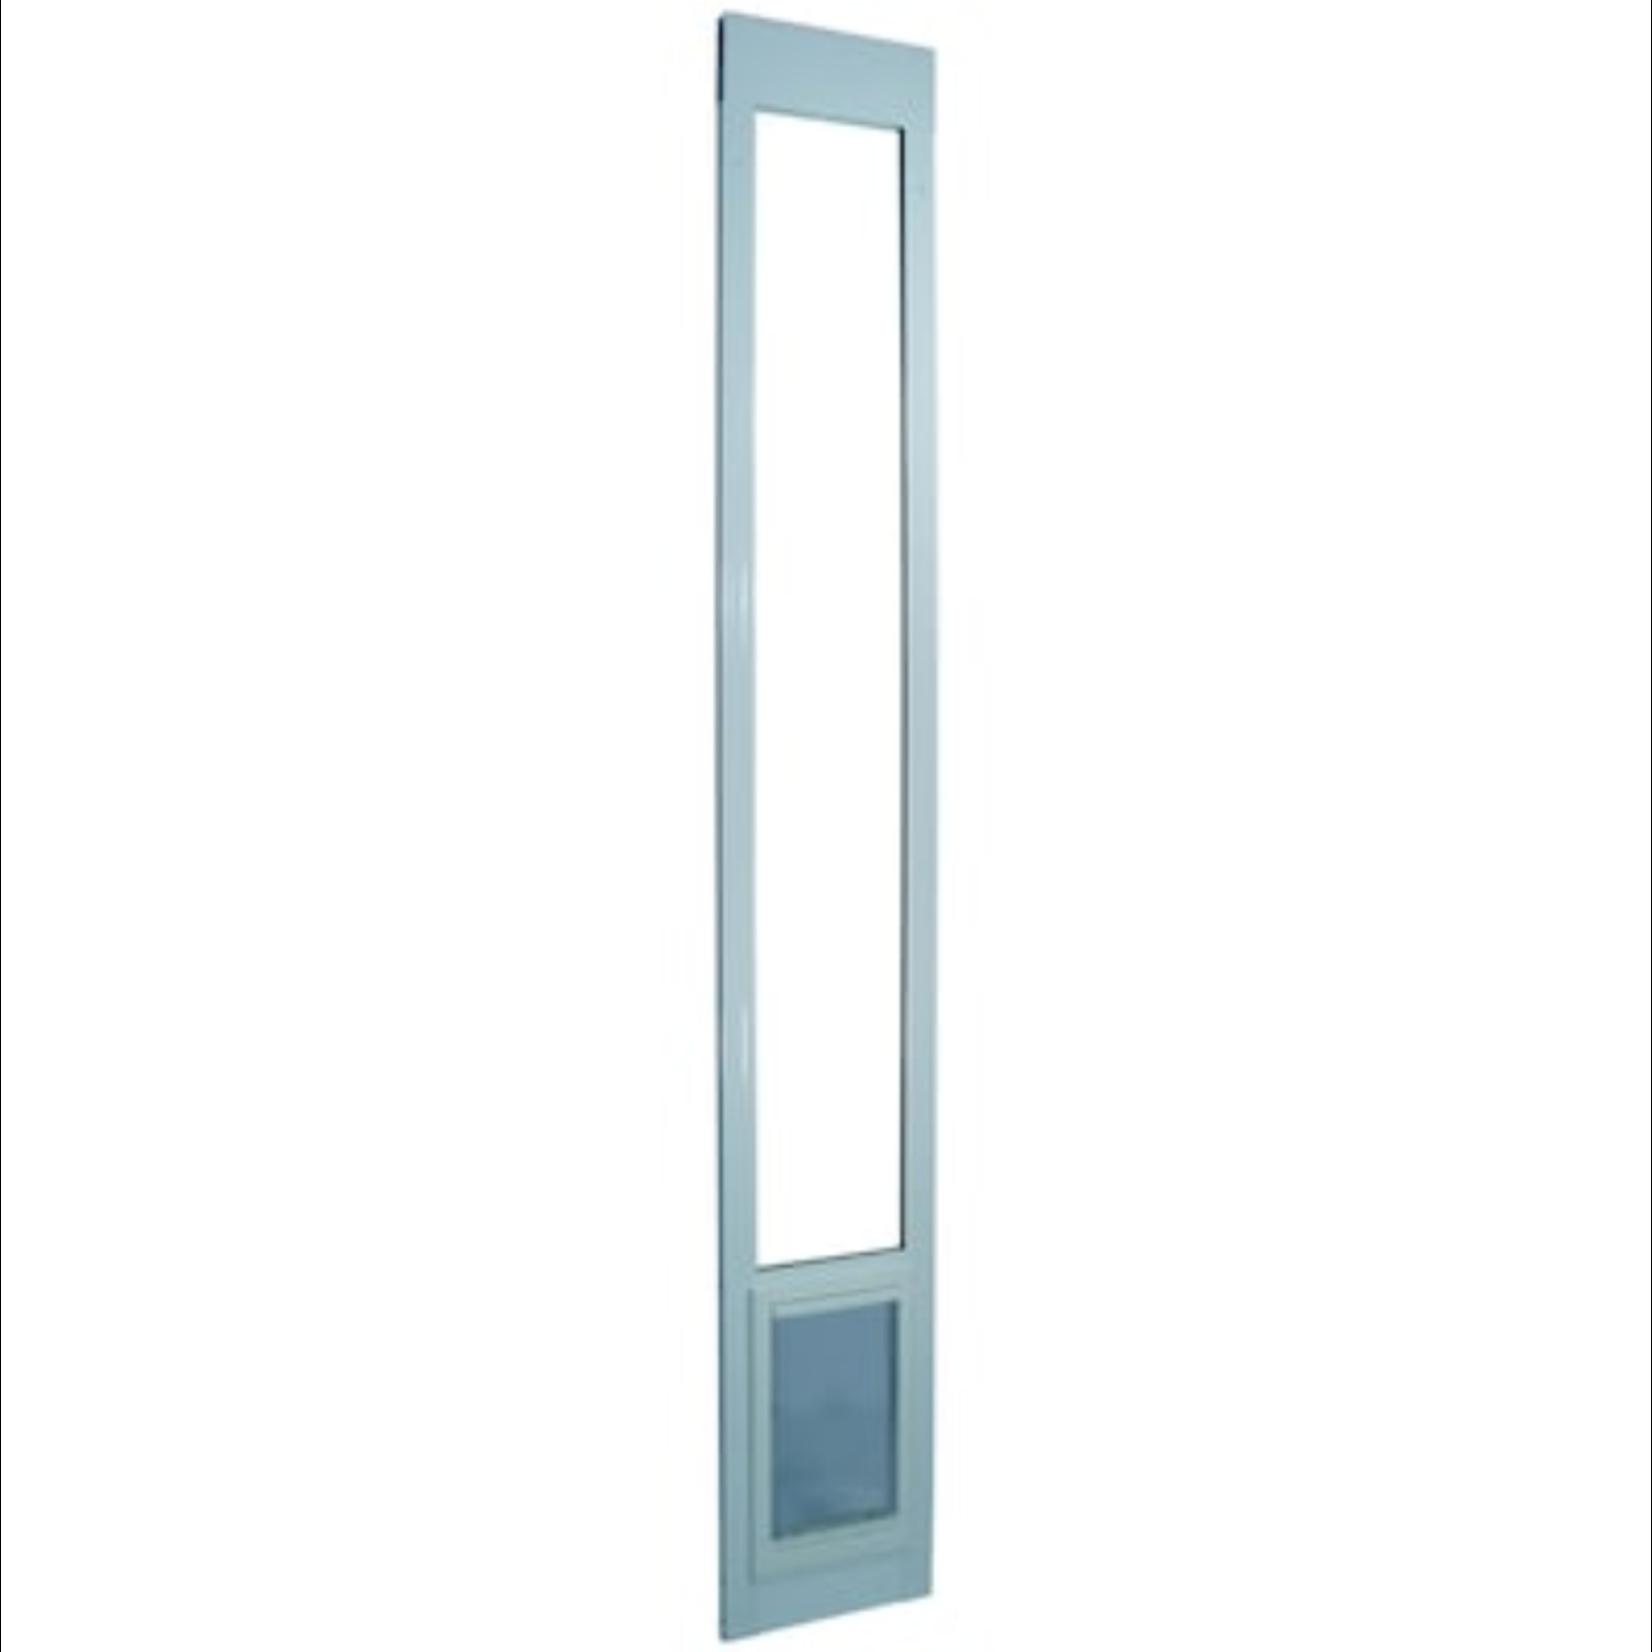 10292 Ideal Pet Products Pet Aluminum Sliding Door